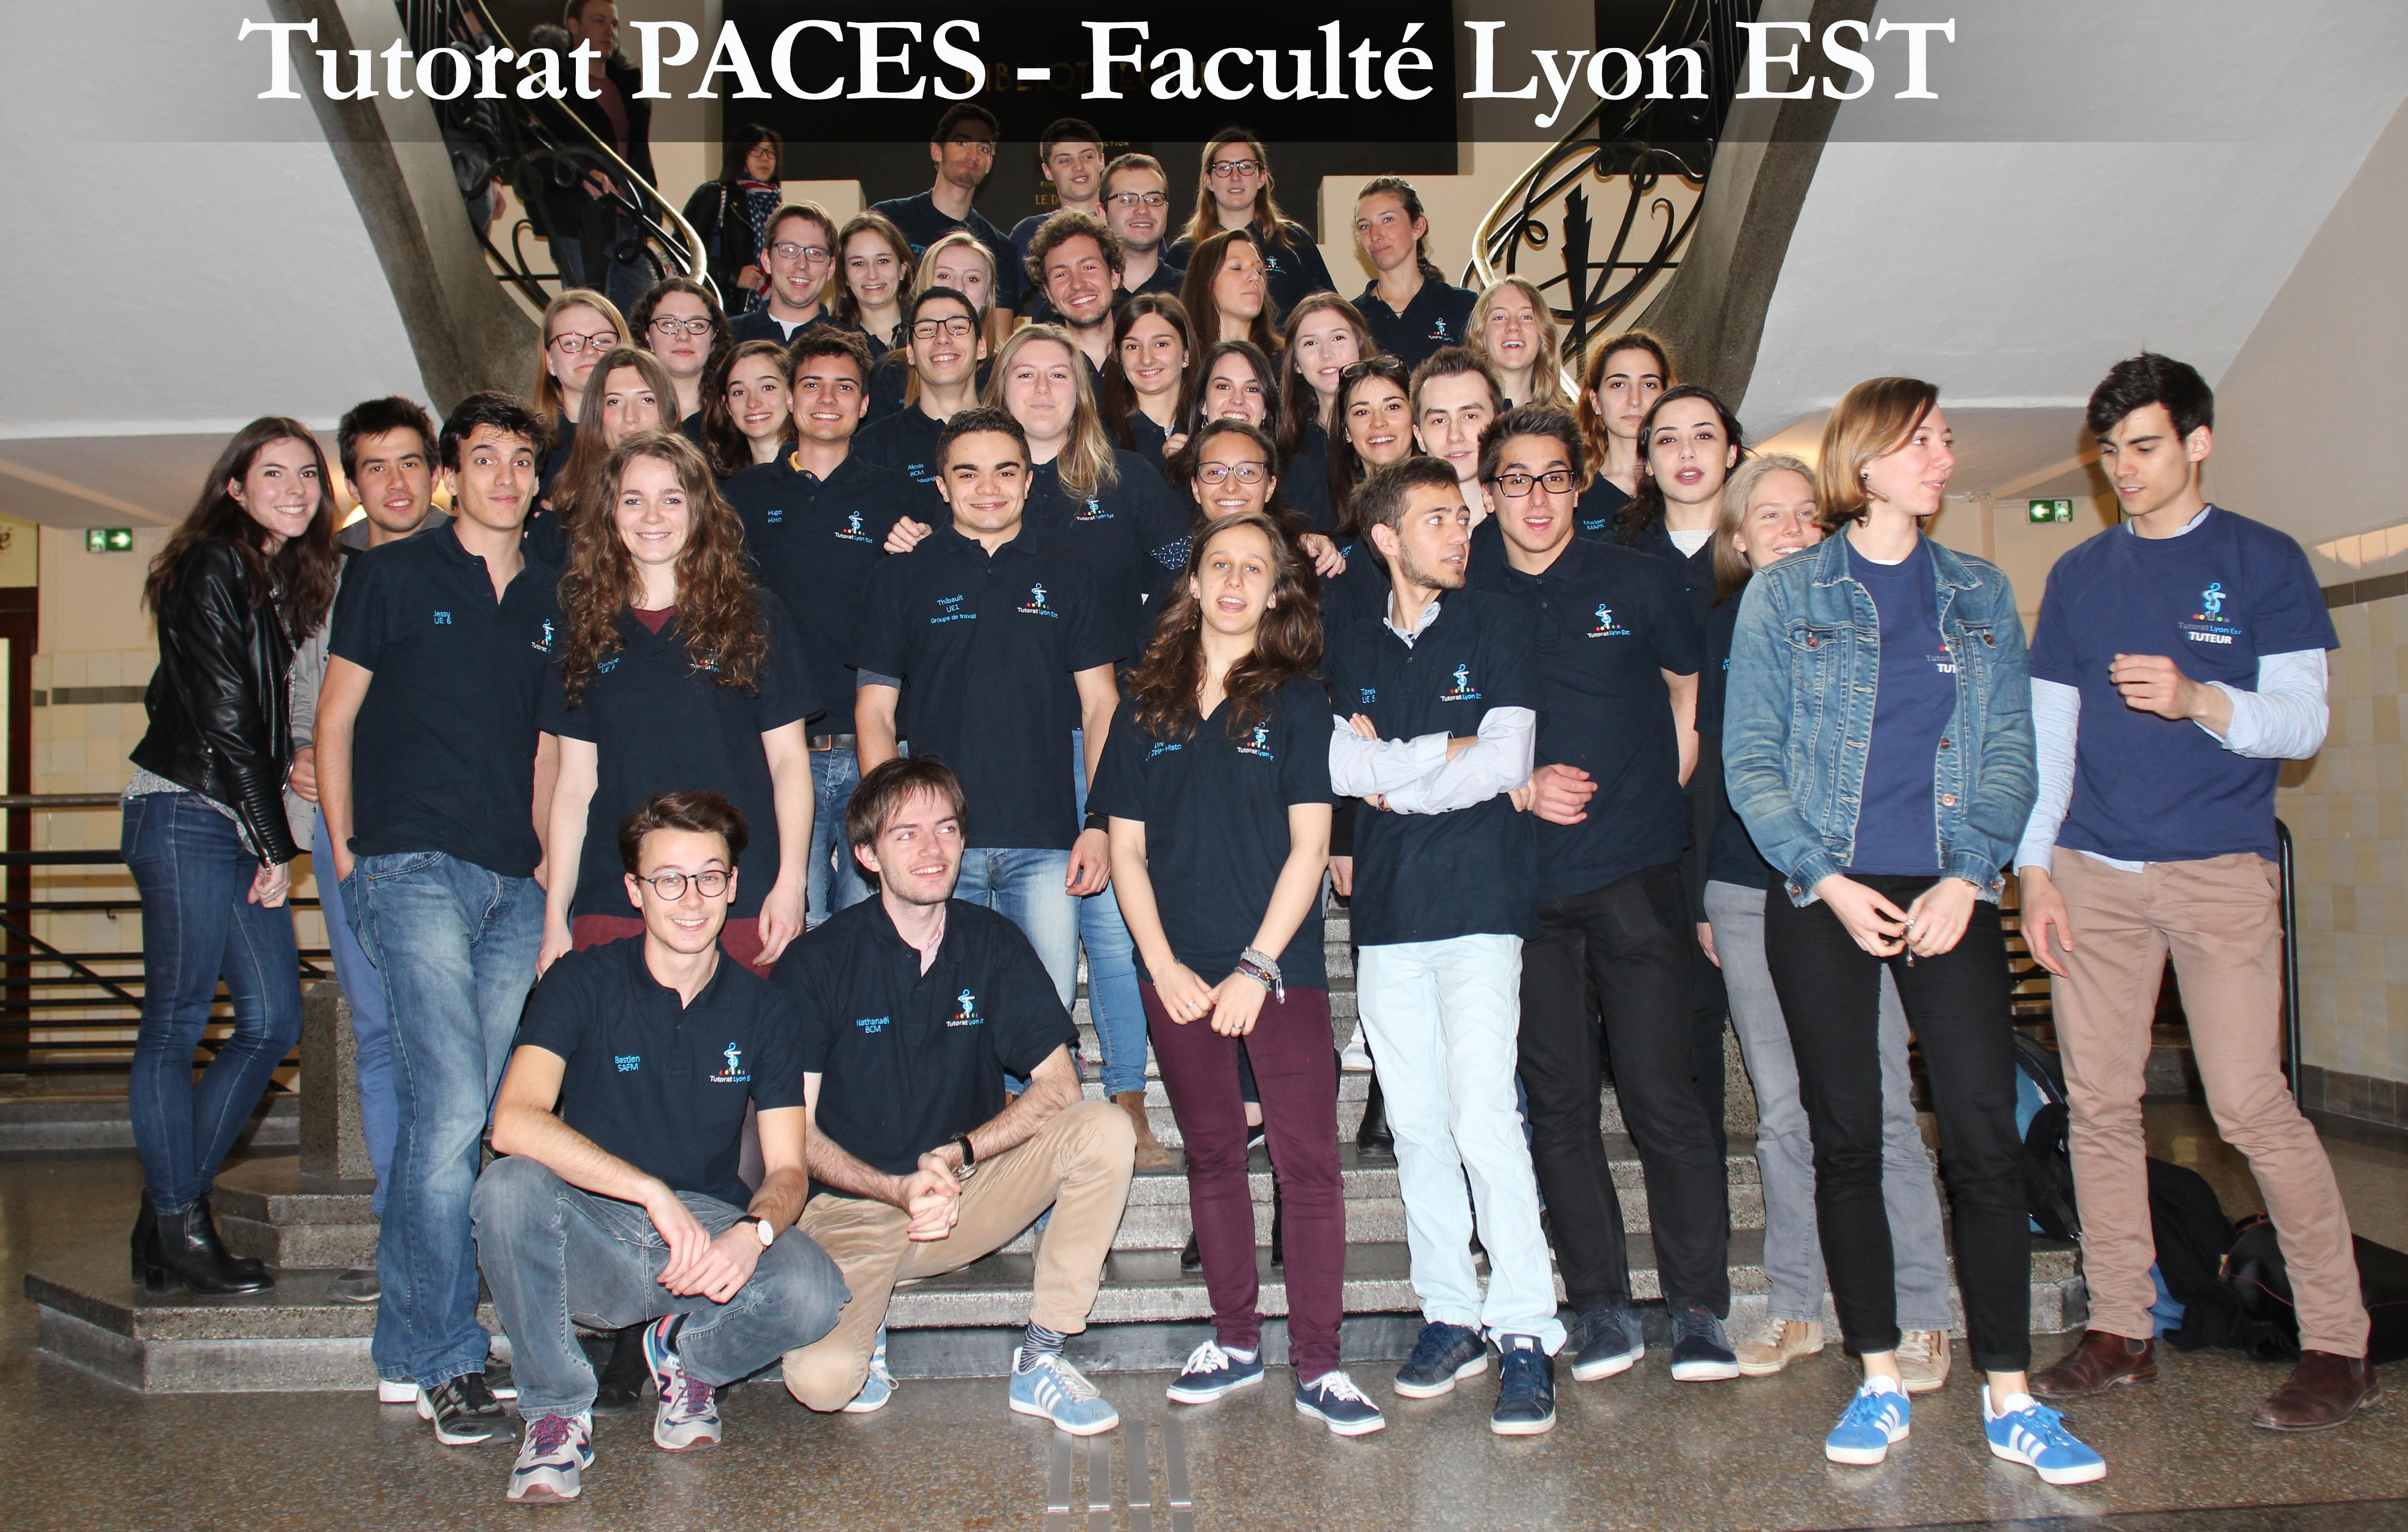 tutorat PACES Lyon EST 2017